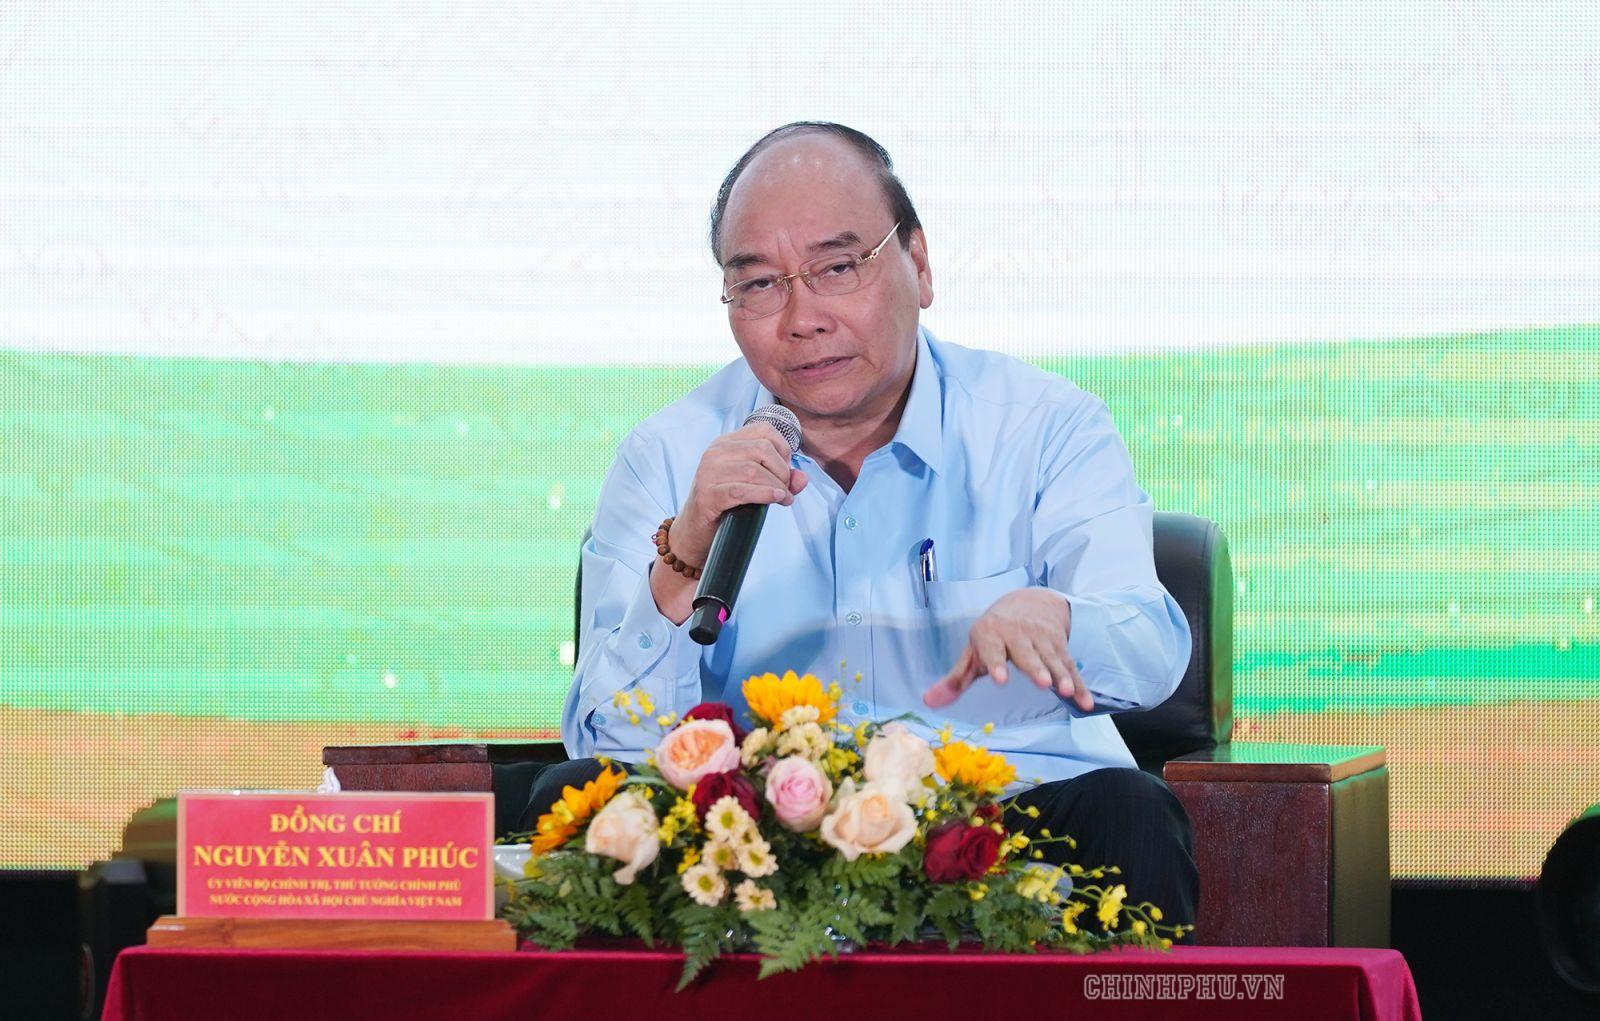 Thủ tướng Nguyễn Xuân Phúc đối thoại với nông dân tại Cần Thơ năm 2019 - Ảnh: VGP/Quang Hiếu